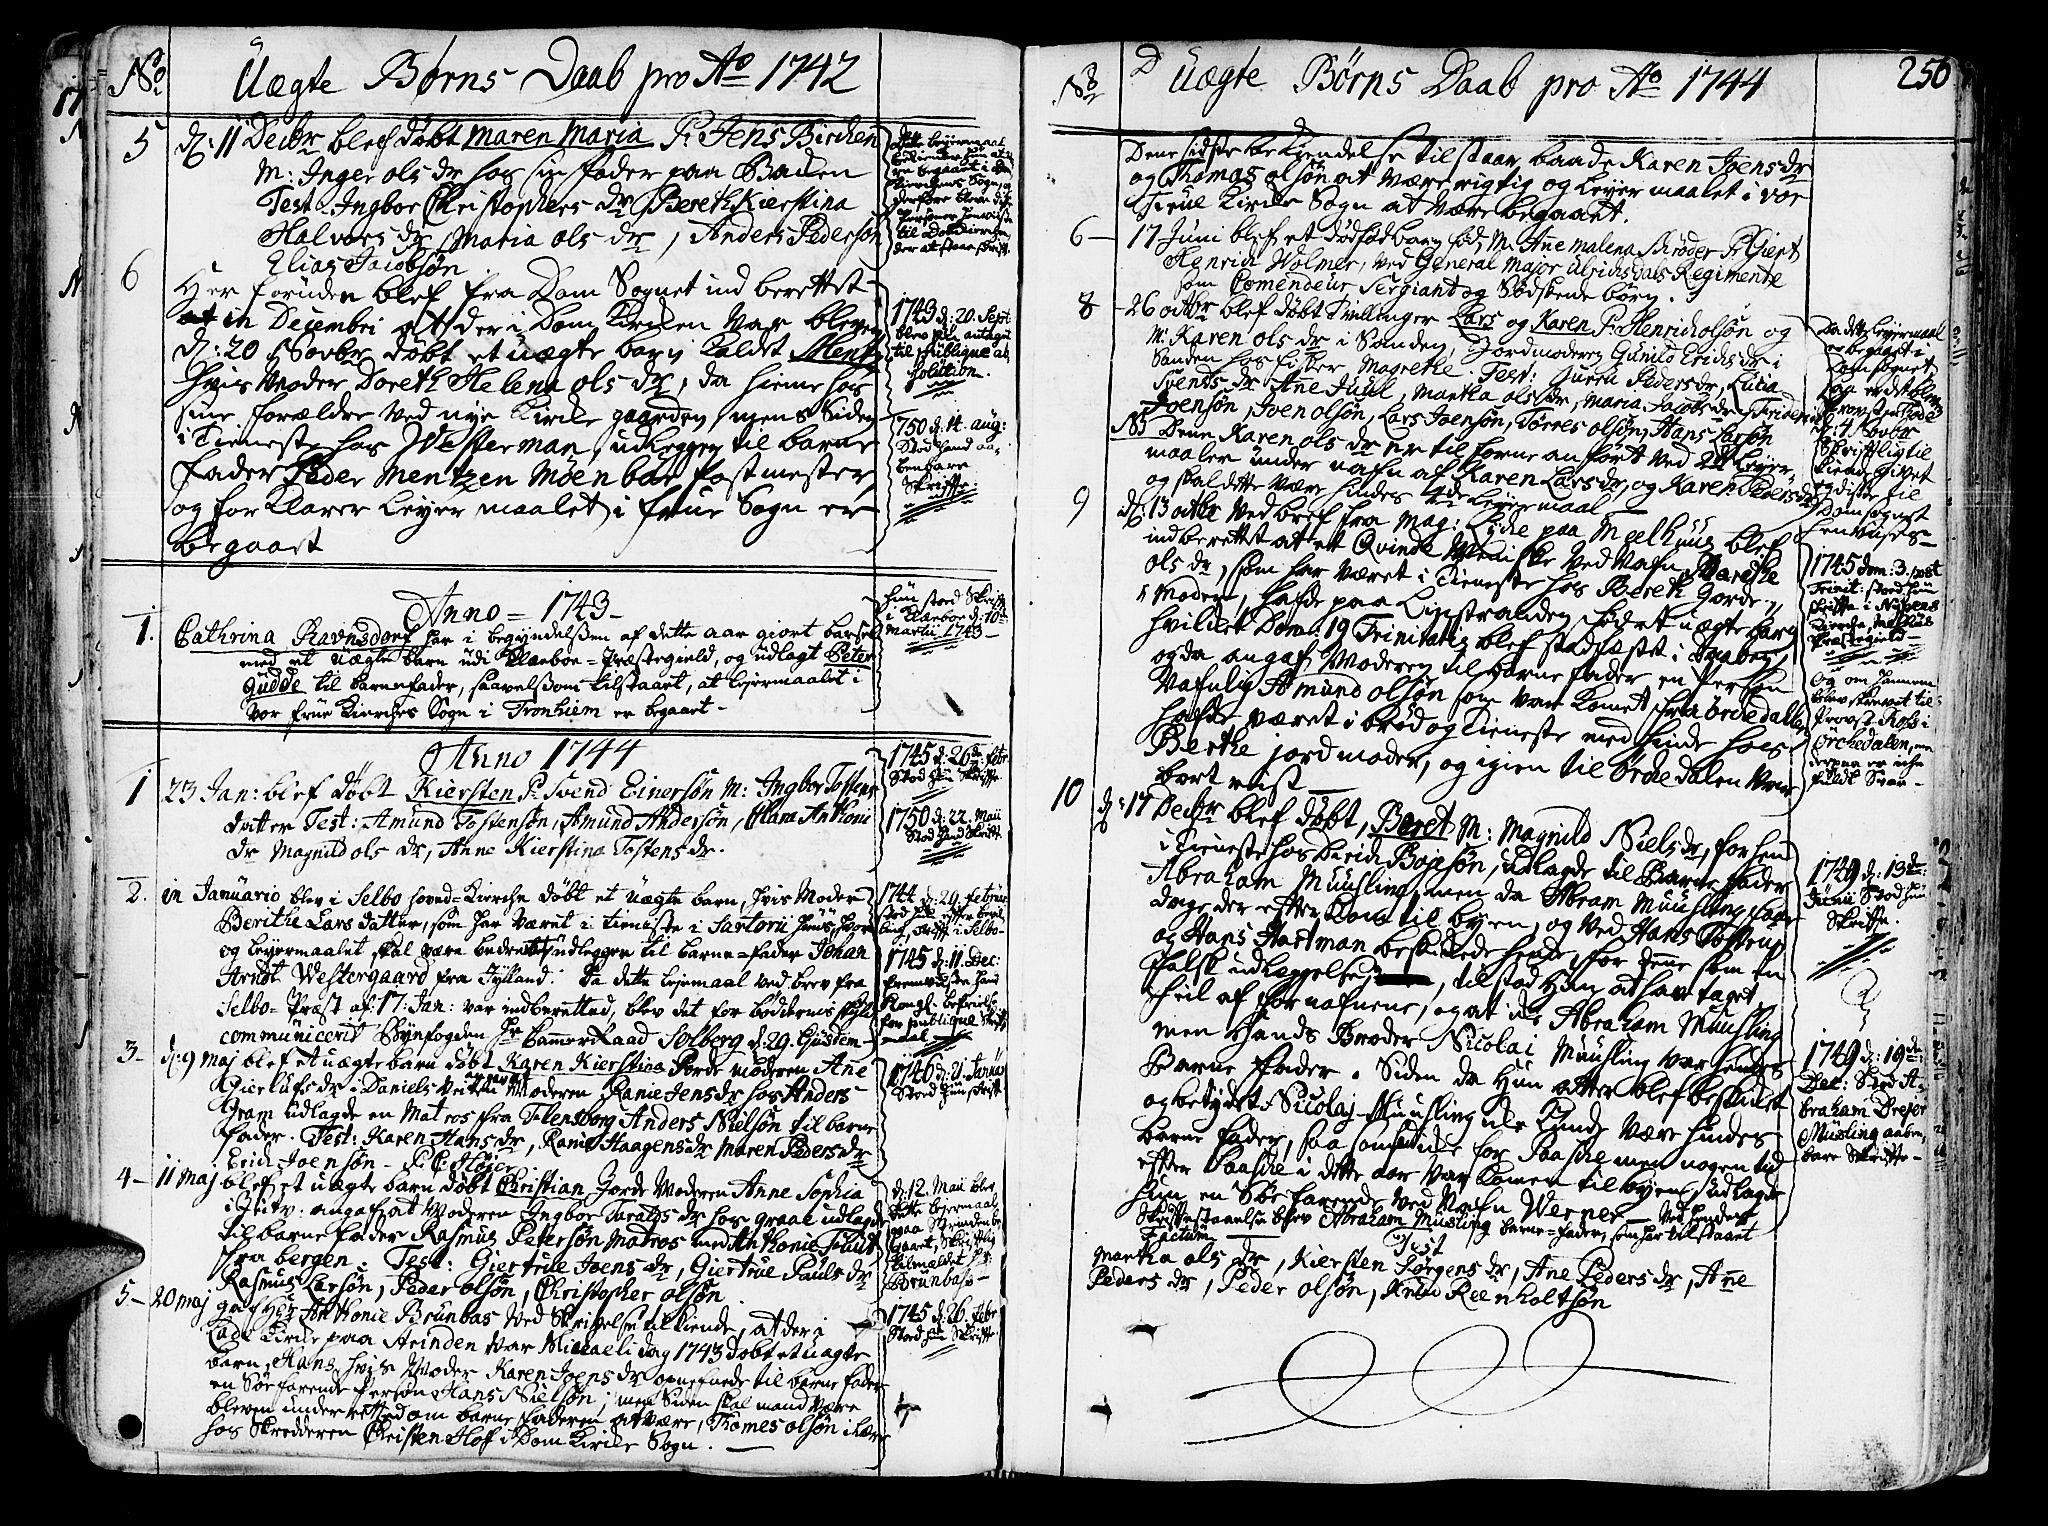 SAT, Ministerialprotokoller, klokkerbøker og fødselsregistre - Sør-Trøndelag, 602/L0103: Ministerialbok nr. 602A01, 1732-1774, s. 256